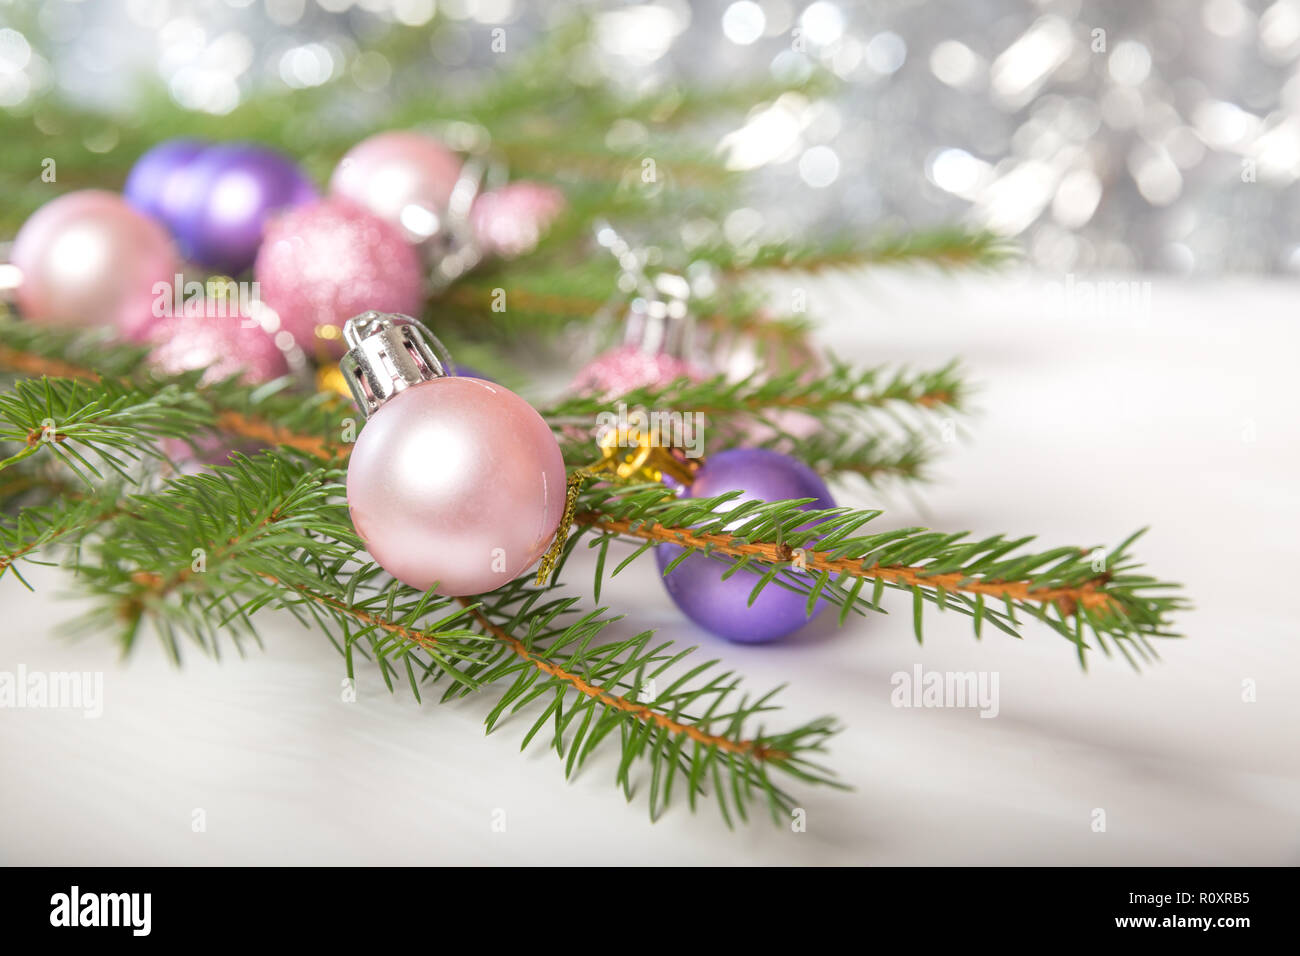 Immagini Piccole Di Natale.Le Decorazioni Di Natale Ramo Di Abete Rosso Con Piccole